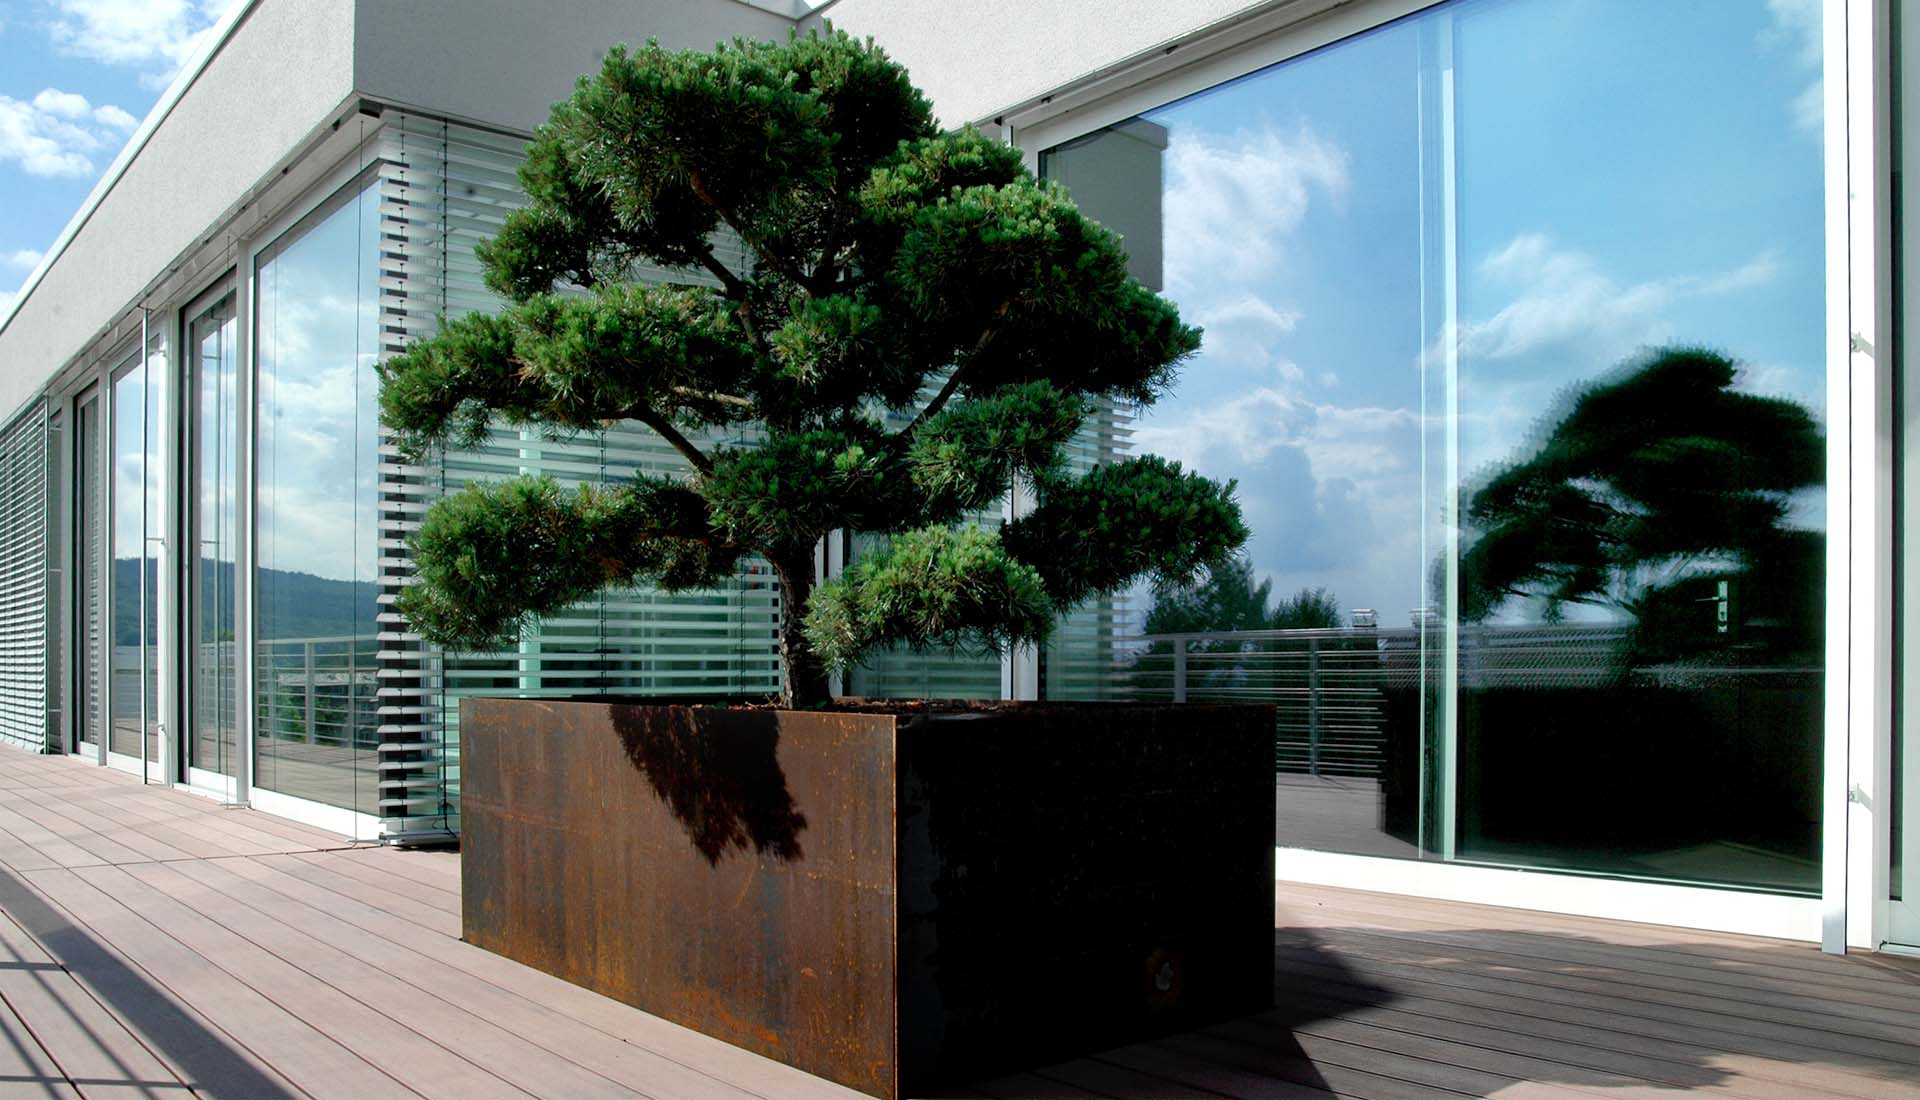 tipps sowie bildsch ne ideen und beispiele zur terrassengestaltung. Black Bedroom Furniture Sets. Home Design Ideas